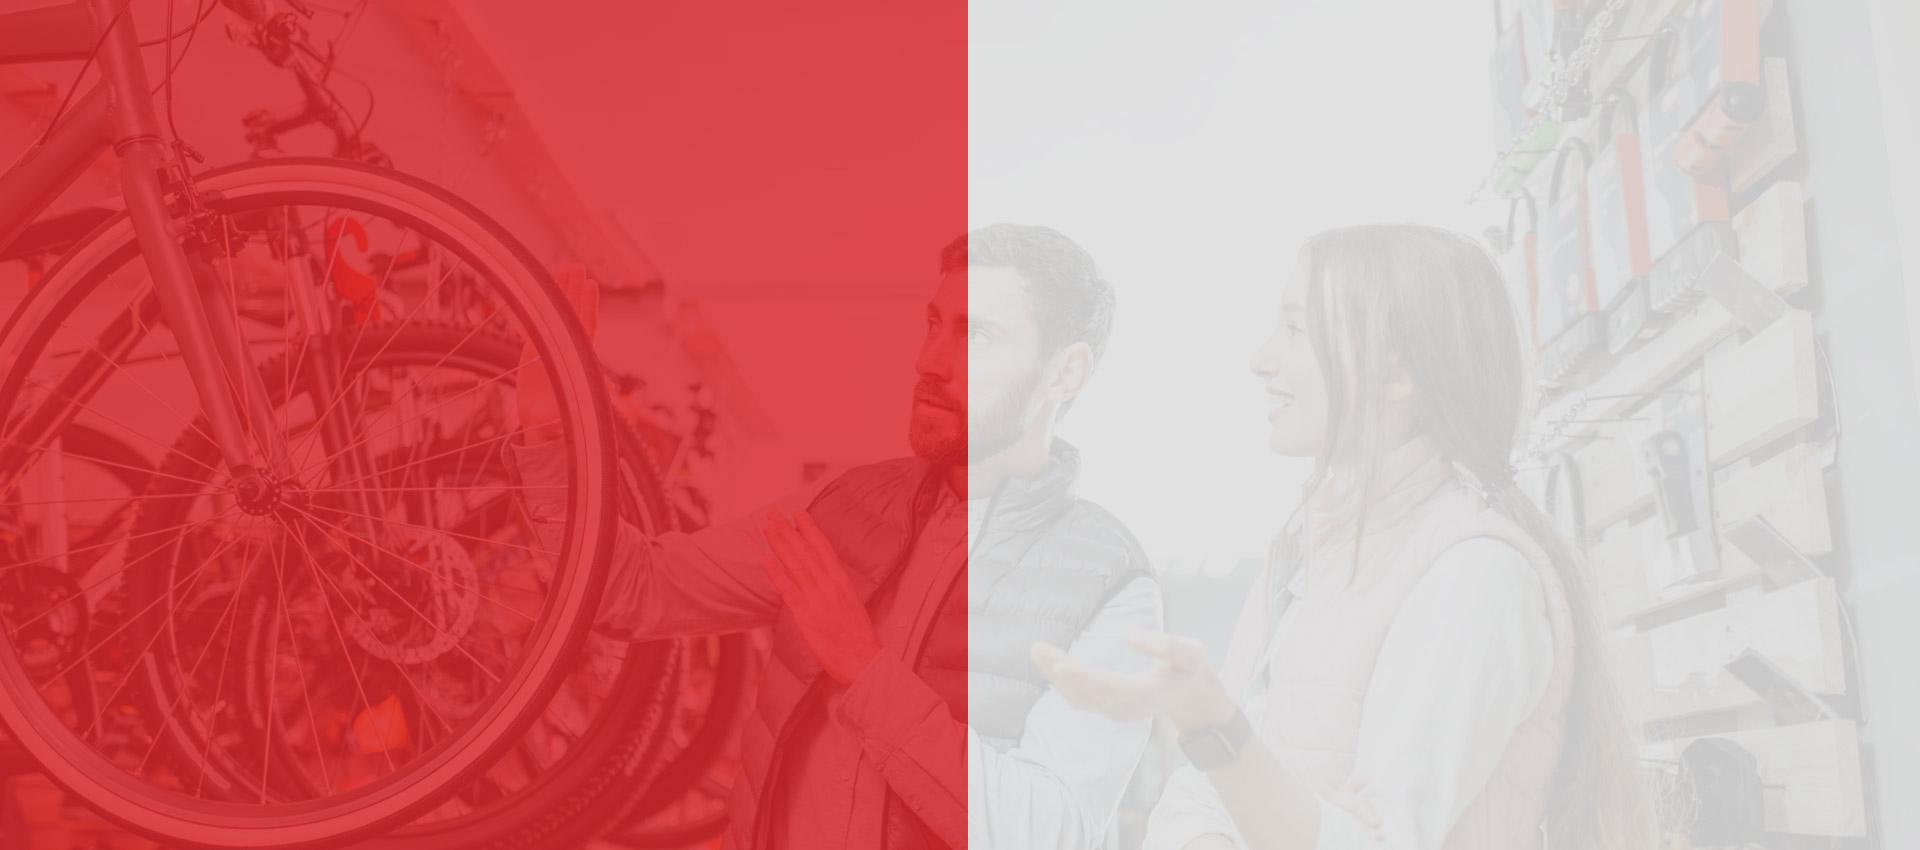 choix de vélo